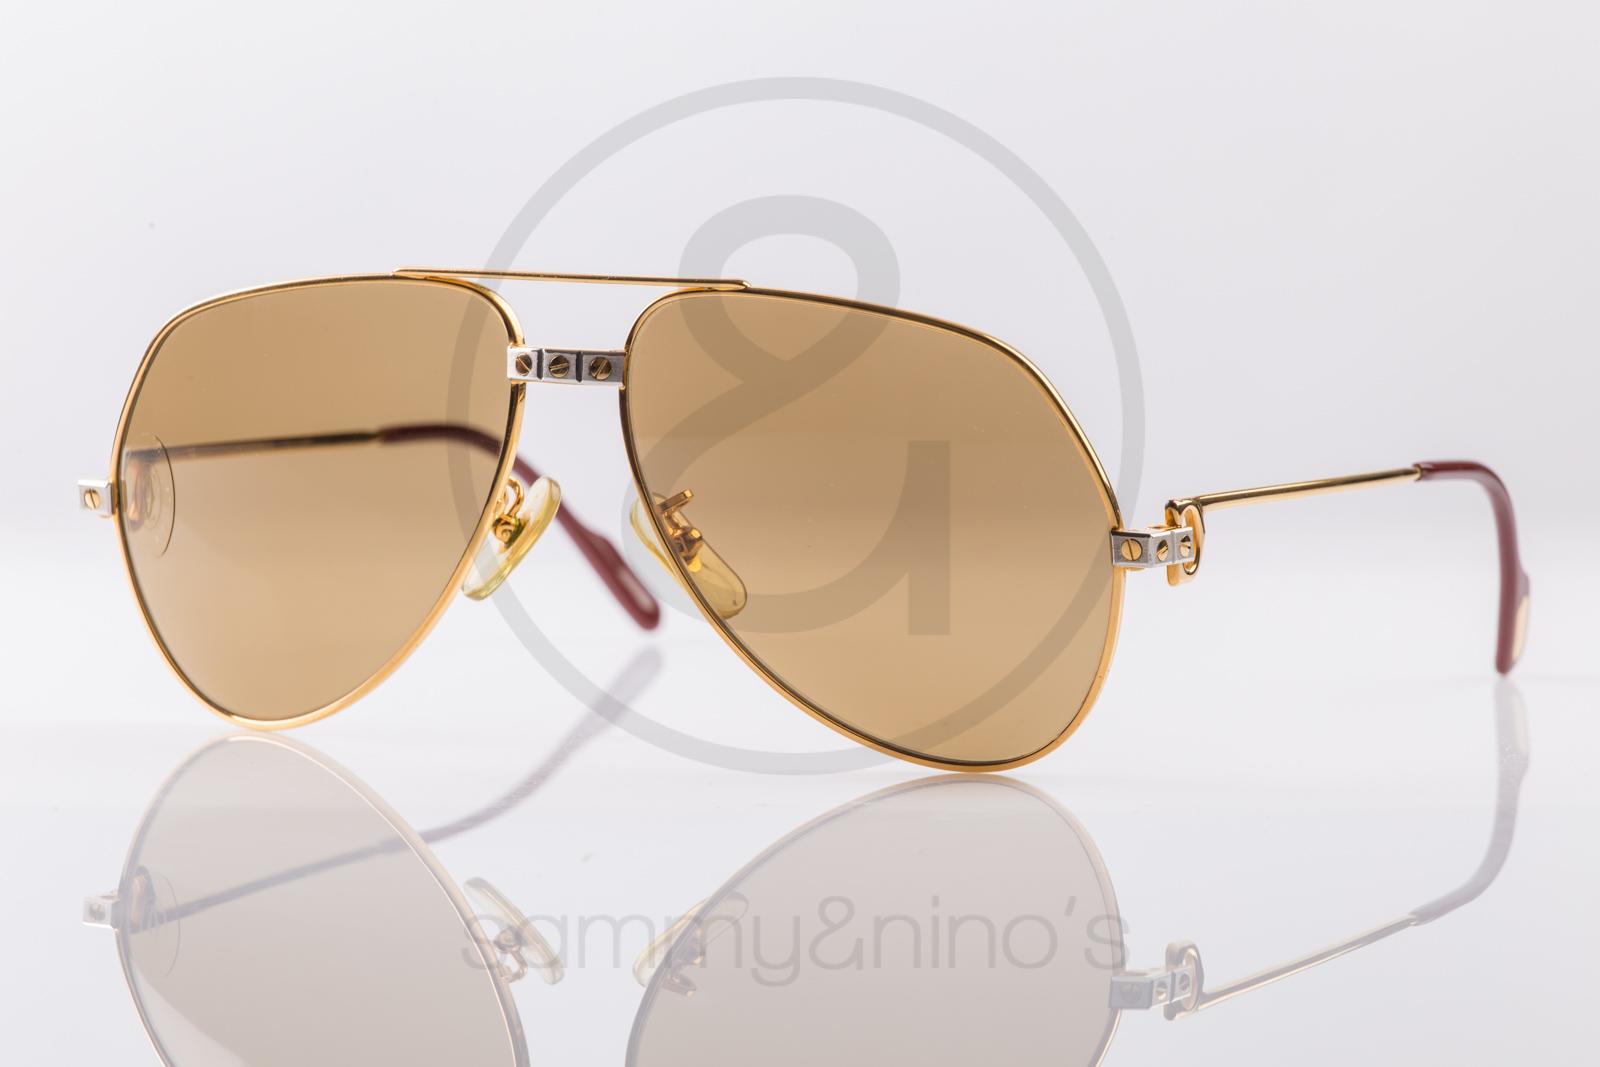 0497684bca Cartier Vintage Sunglasses Vendome Santos Gold Plated Sunglasses ...